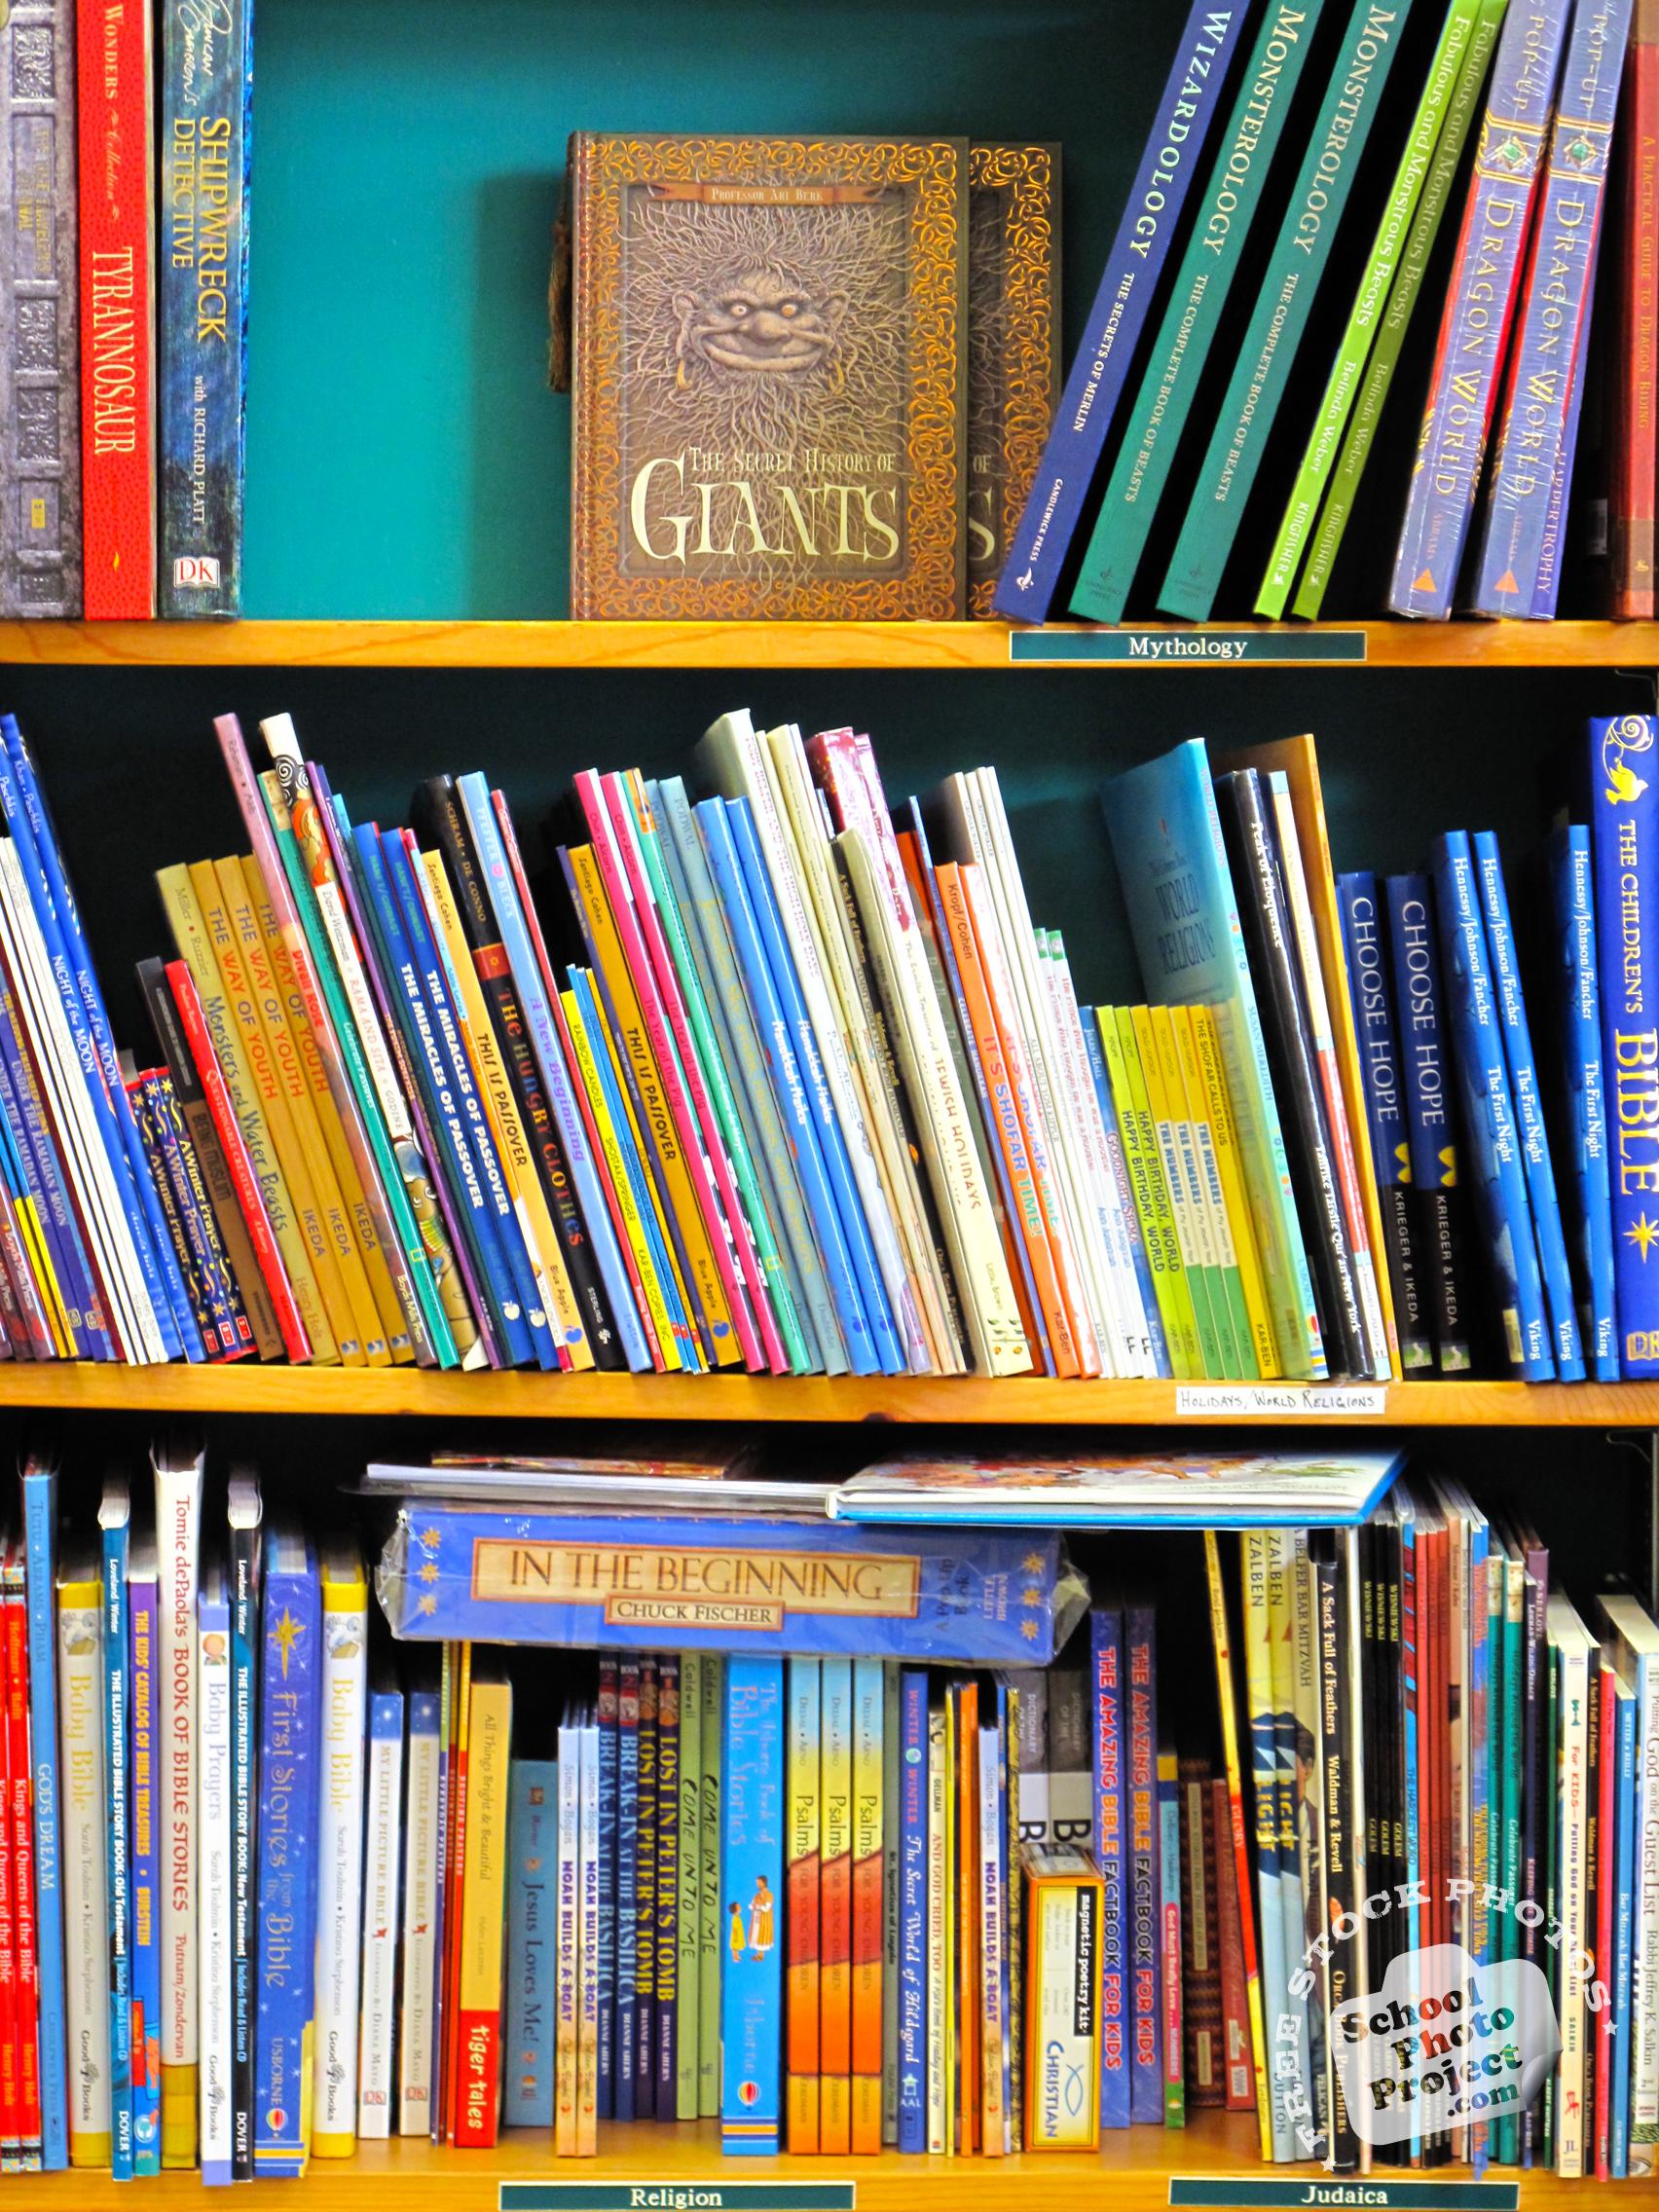 children books  free stock photo  image  picture  books in